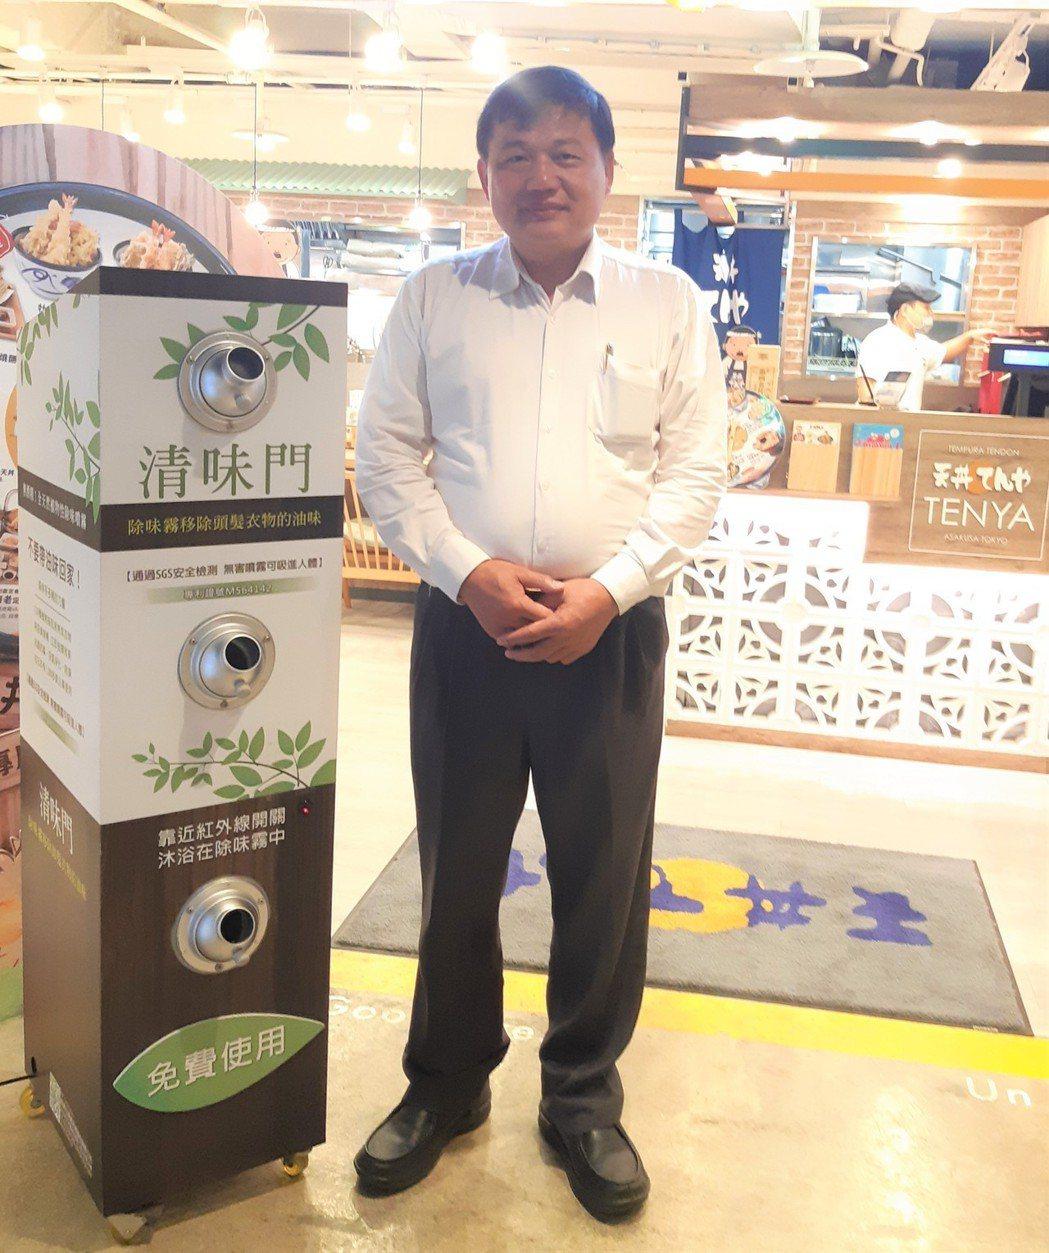 光殿總經理鄭慶裕運用全球獨家發明新型專利「清味門」,讓進出美食餐廳等公共場合,不...